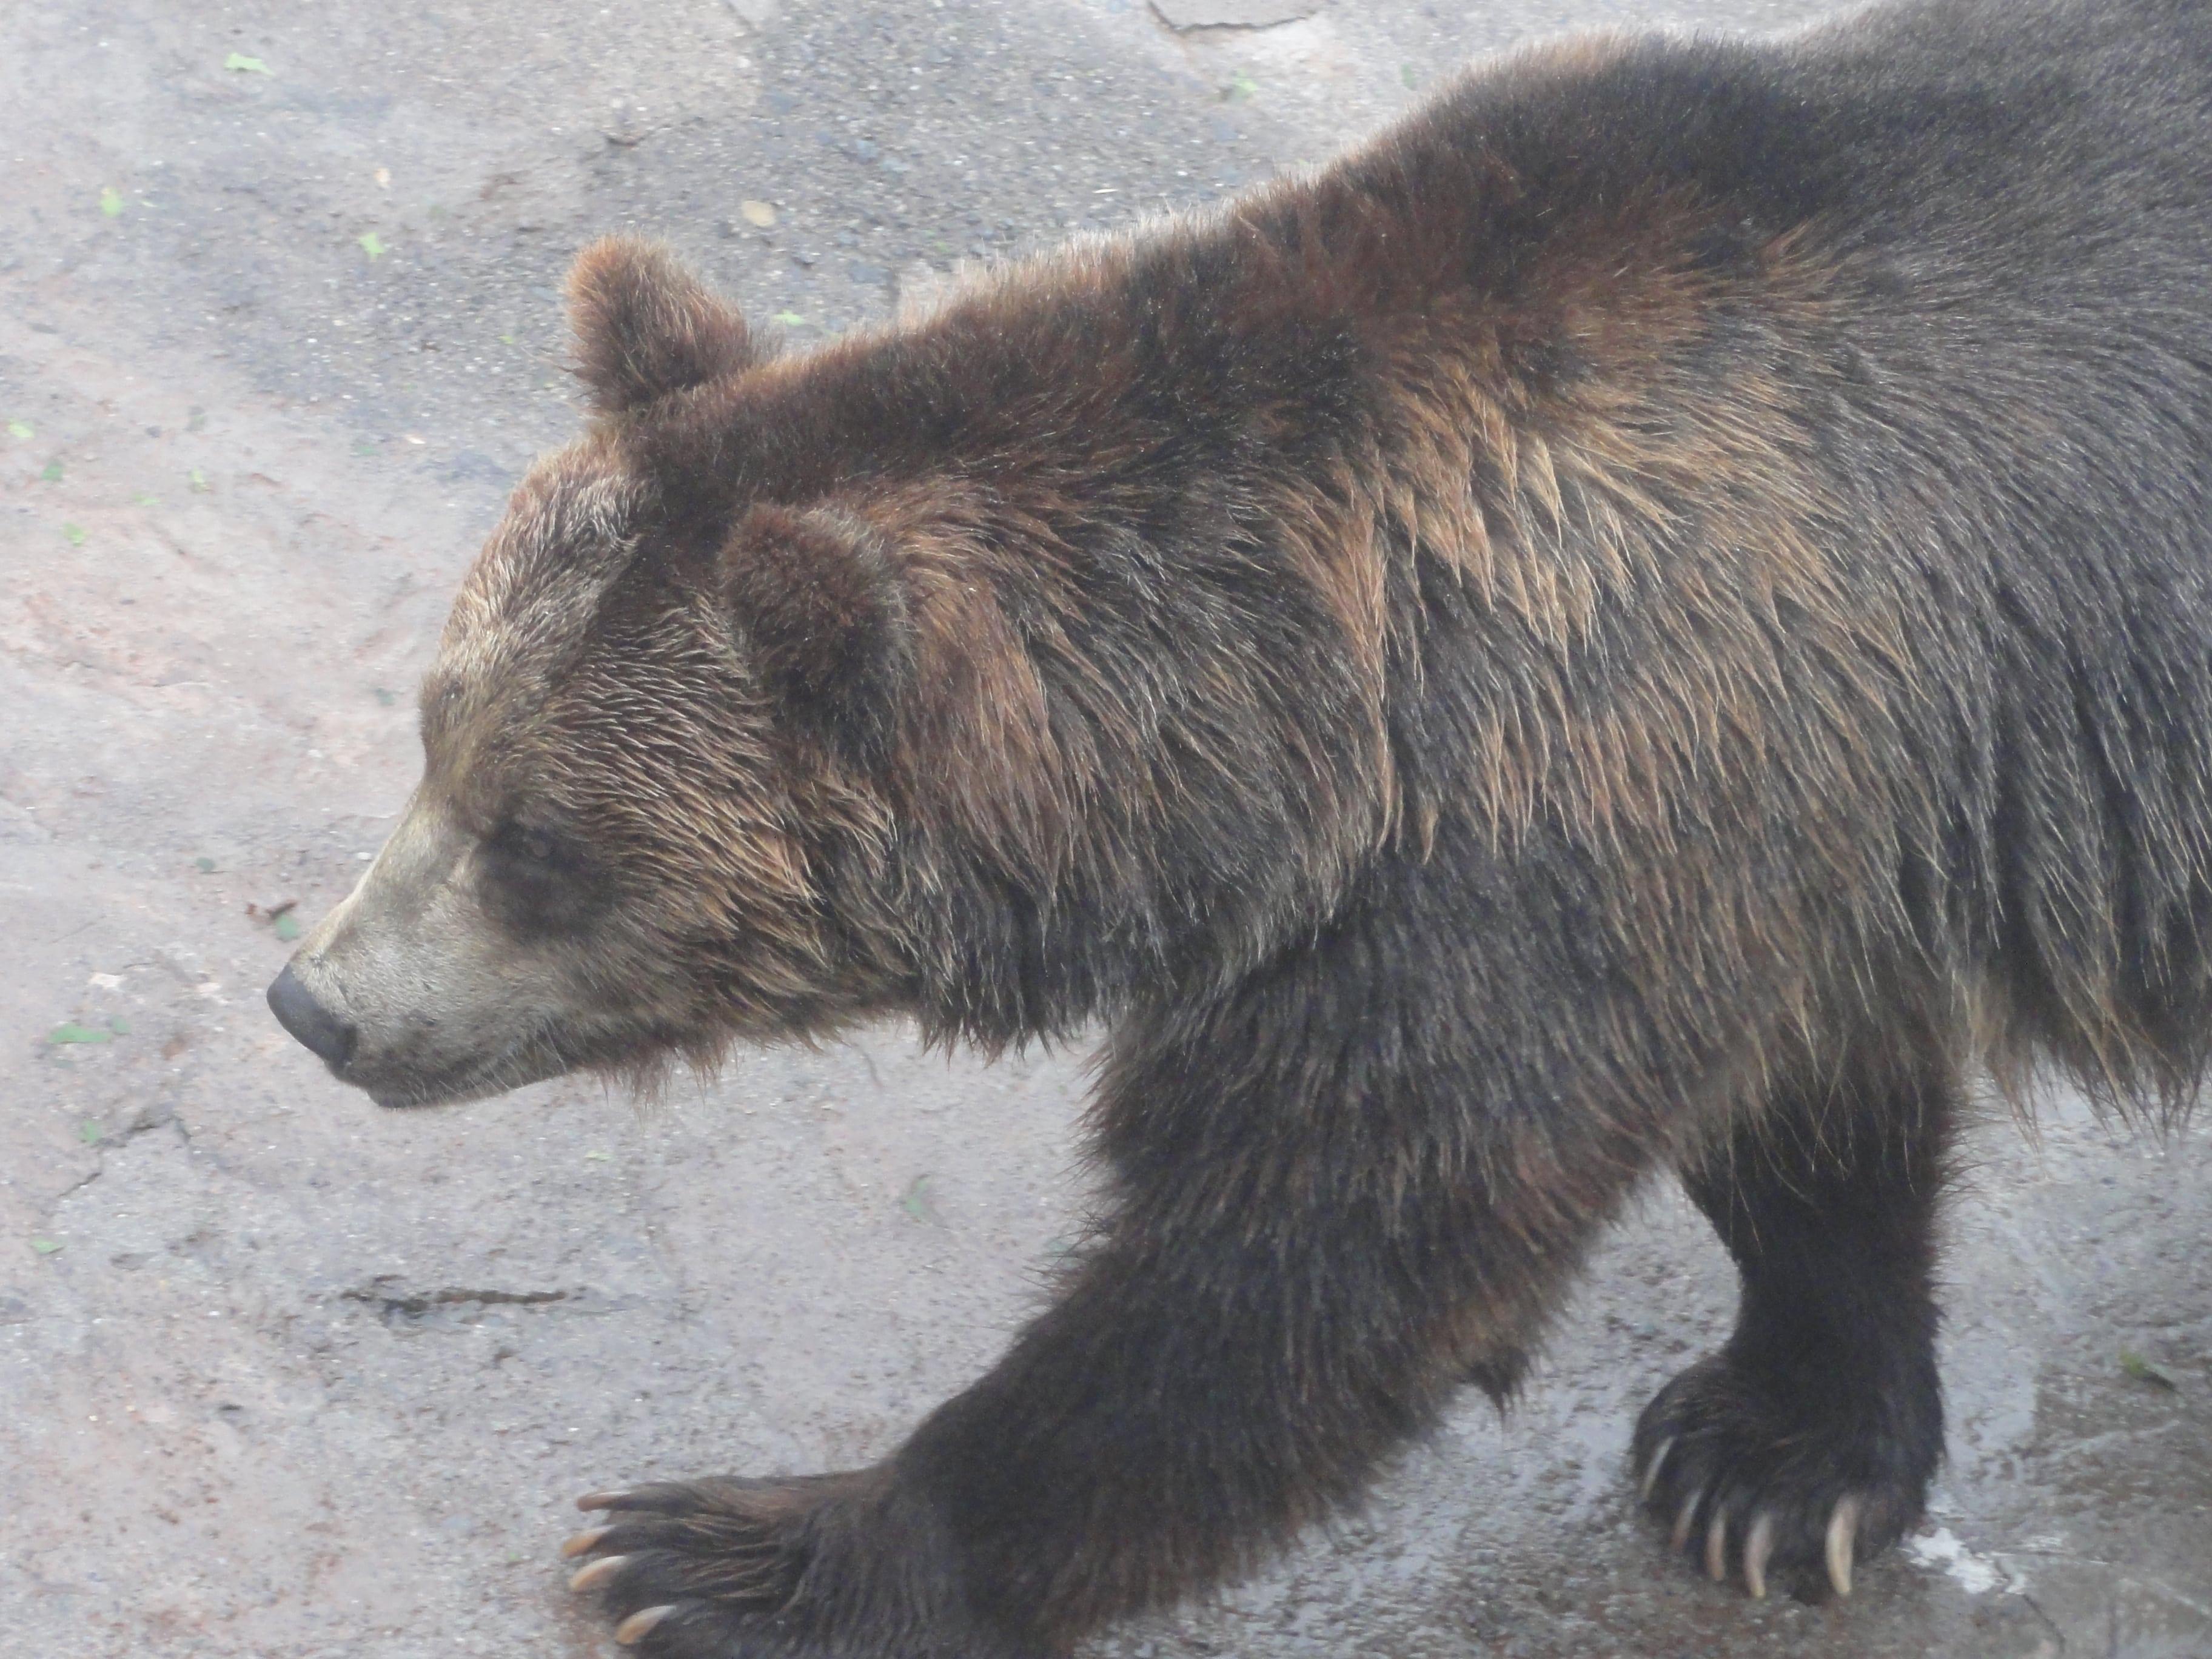 のぼりべつクマ牧場のヒグマ4